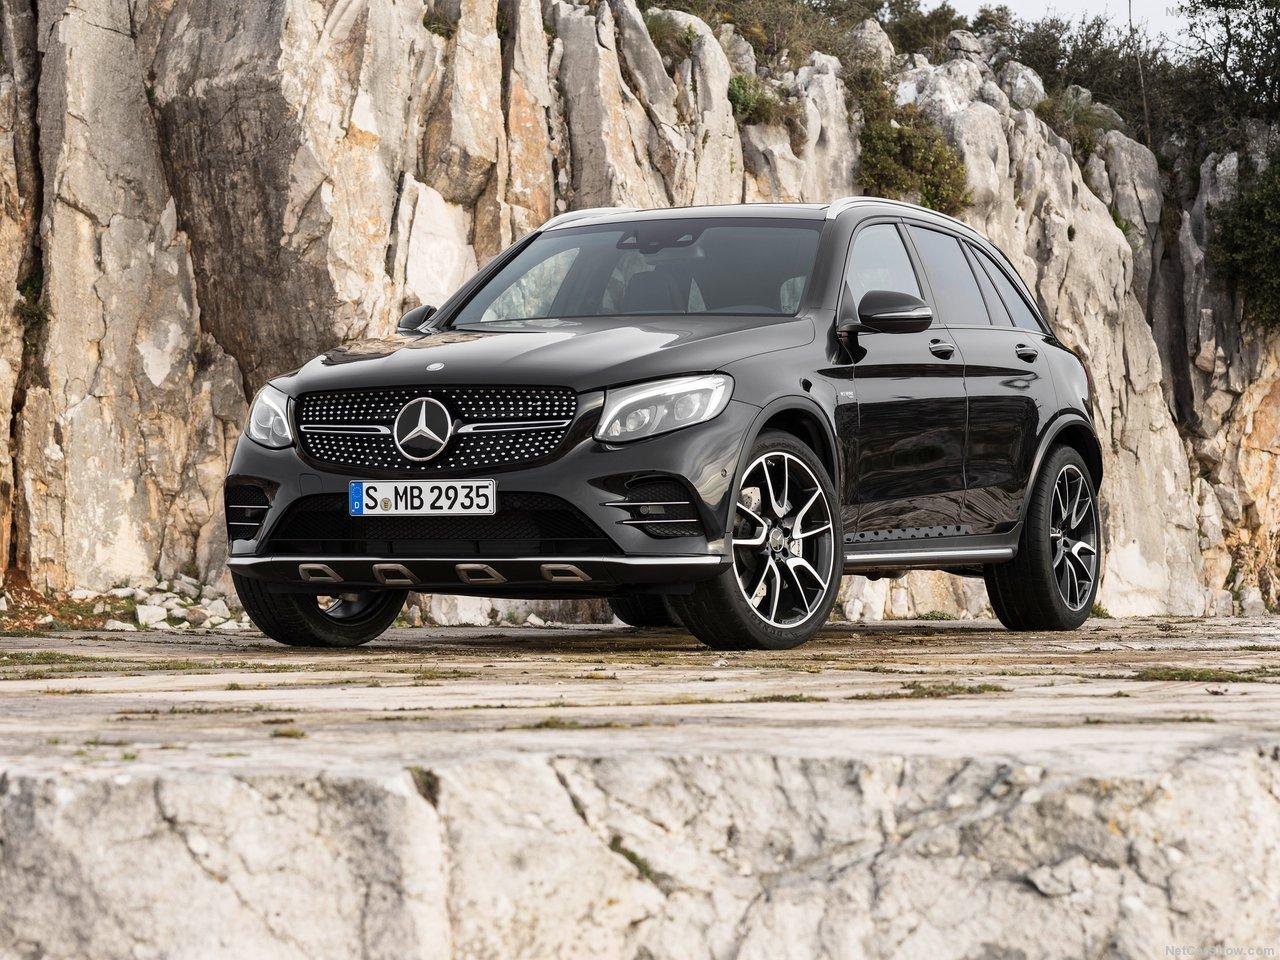 Mercedes-Benz-GLC43_AMG_4Matic_2017_1280x960_wallpaper_02